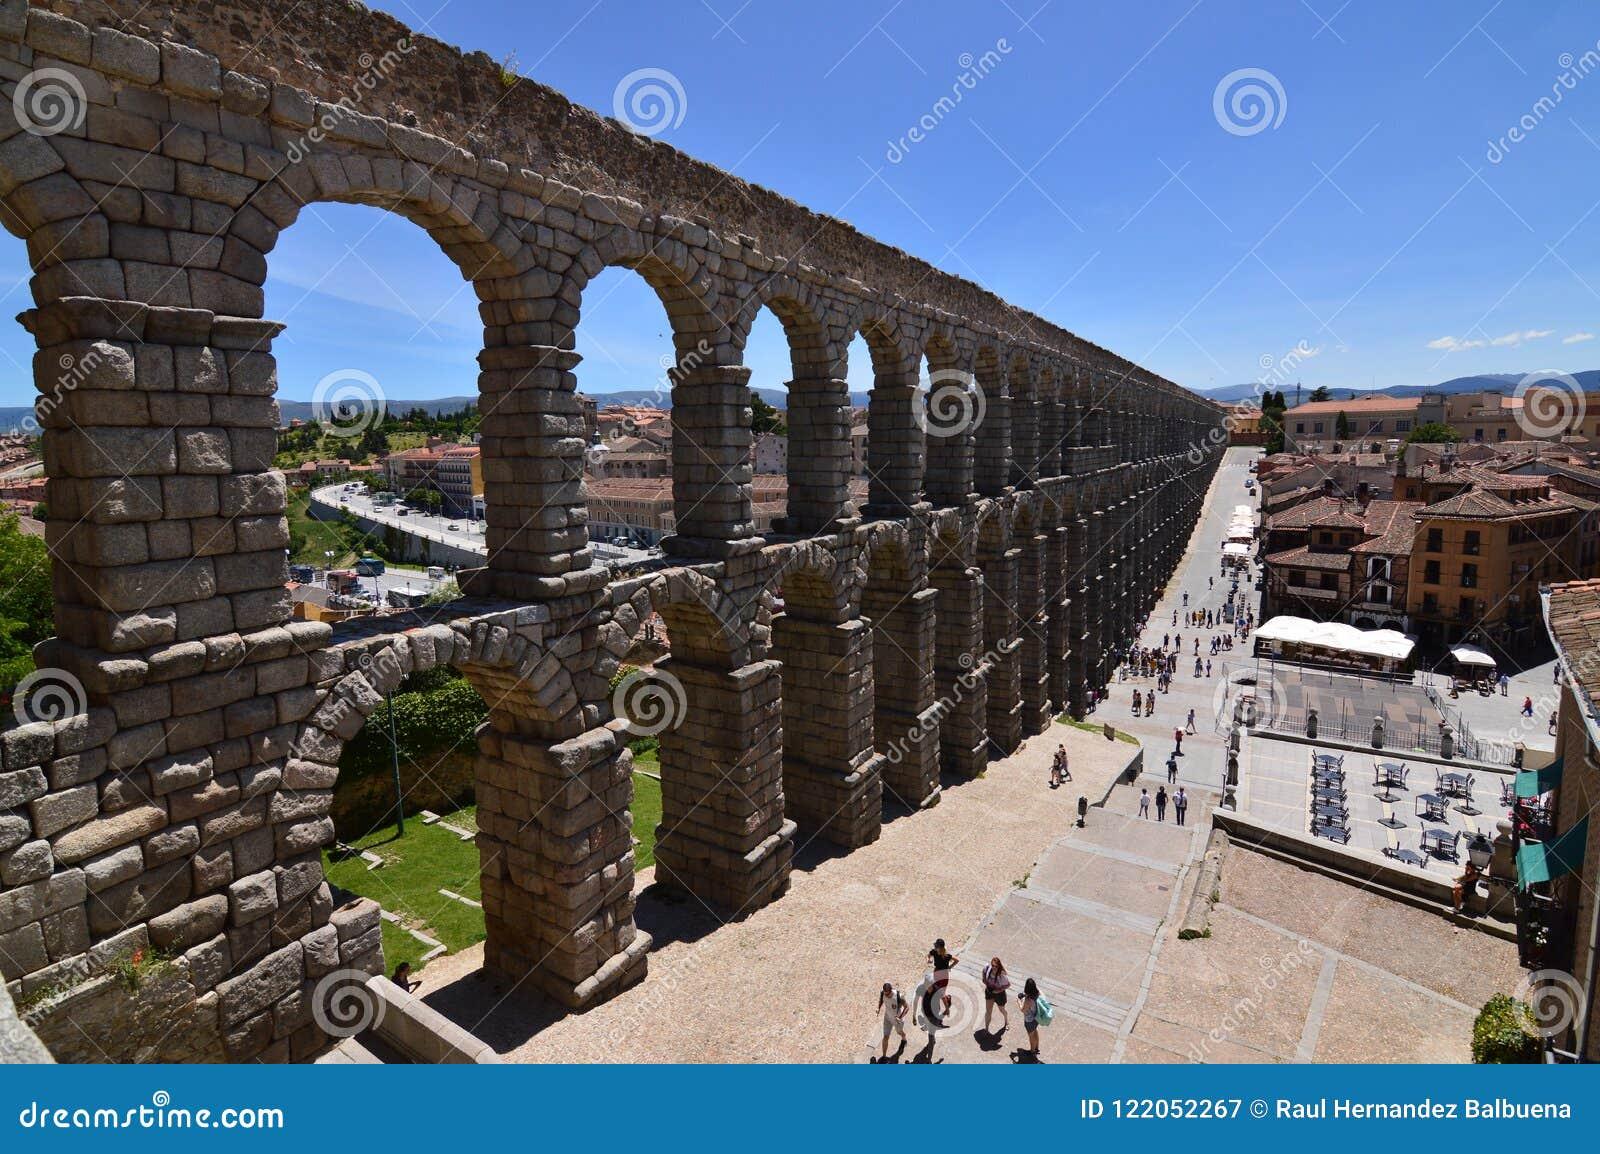 Schiefer Seitenschuß des Aquädukts in Segovia Architektur, Reise, Geschichte